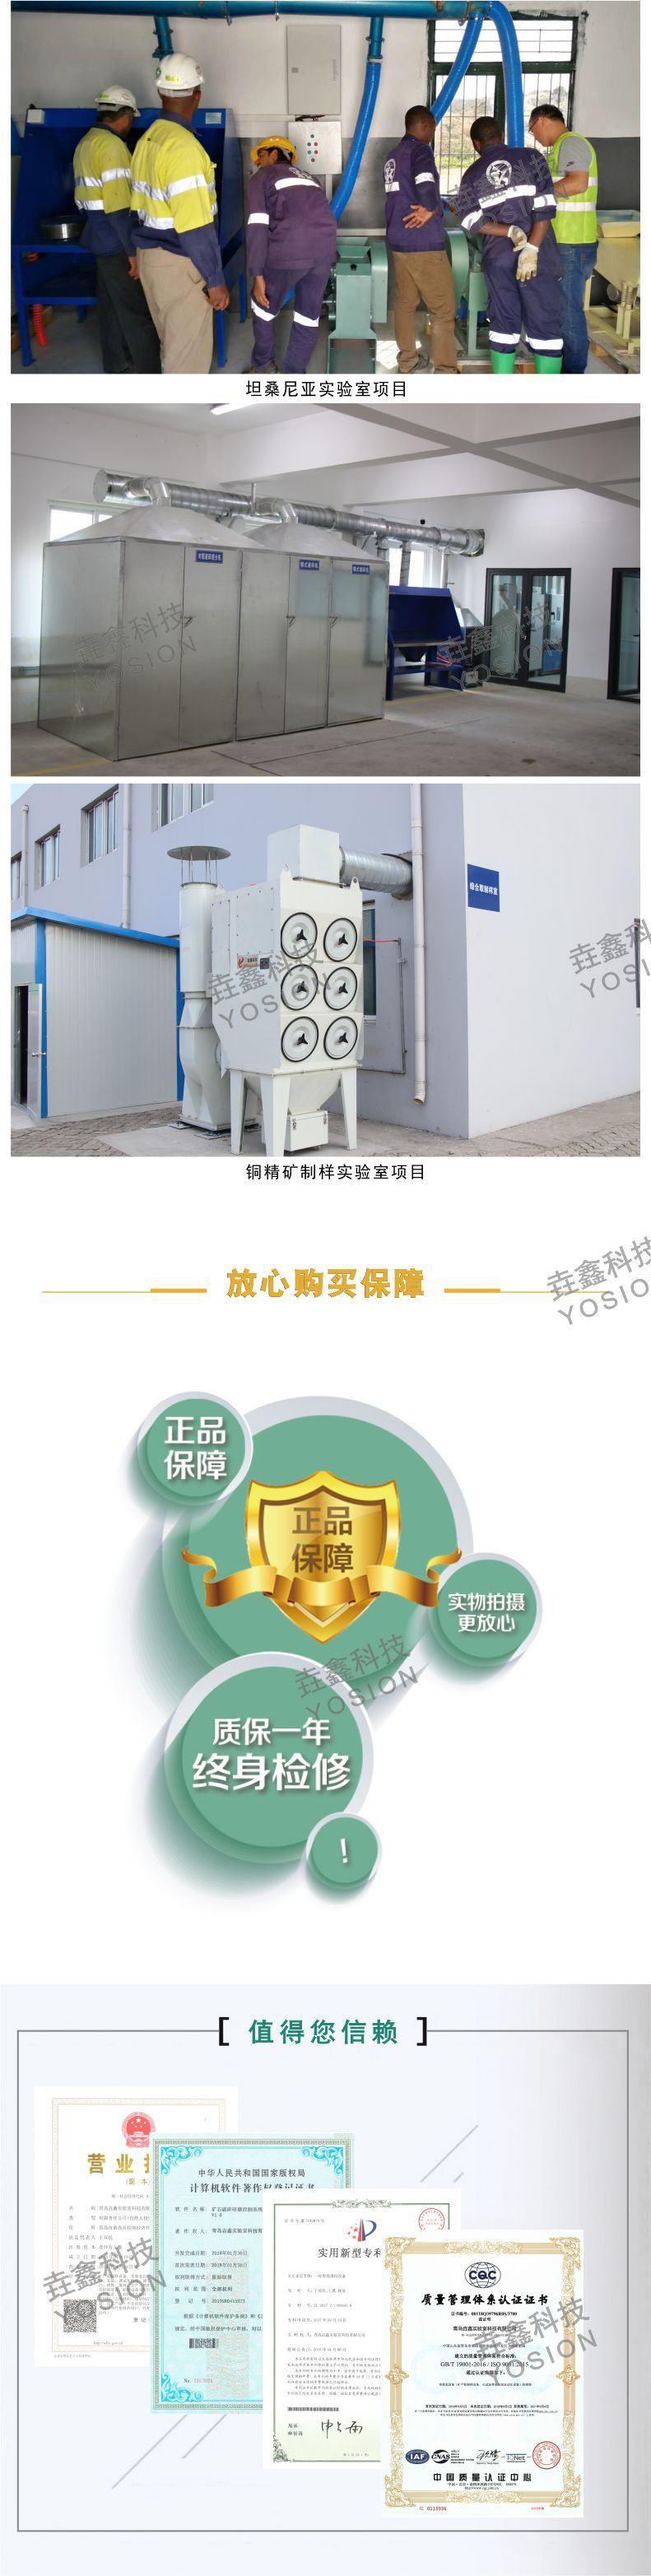 港口移动智能取制样车7-垚鑫科技www.yosionlab.